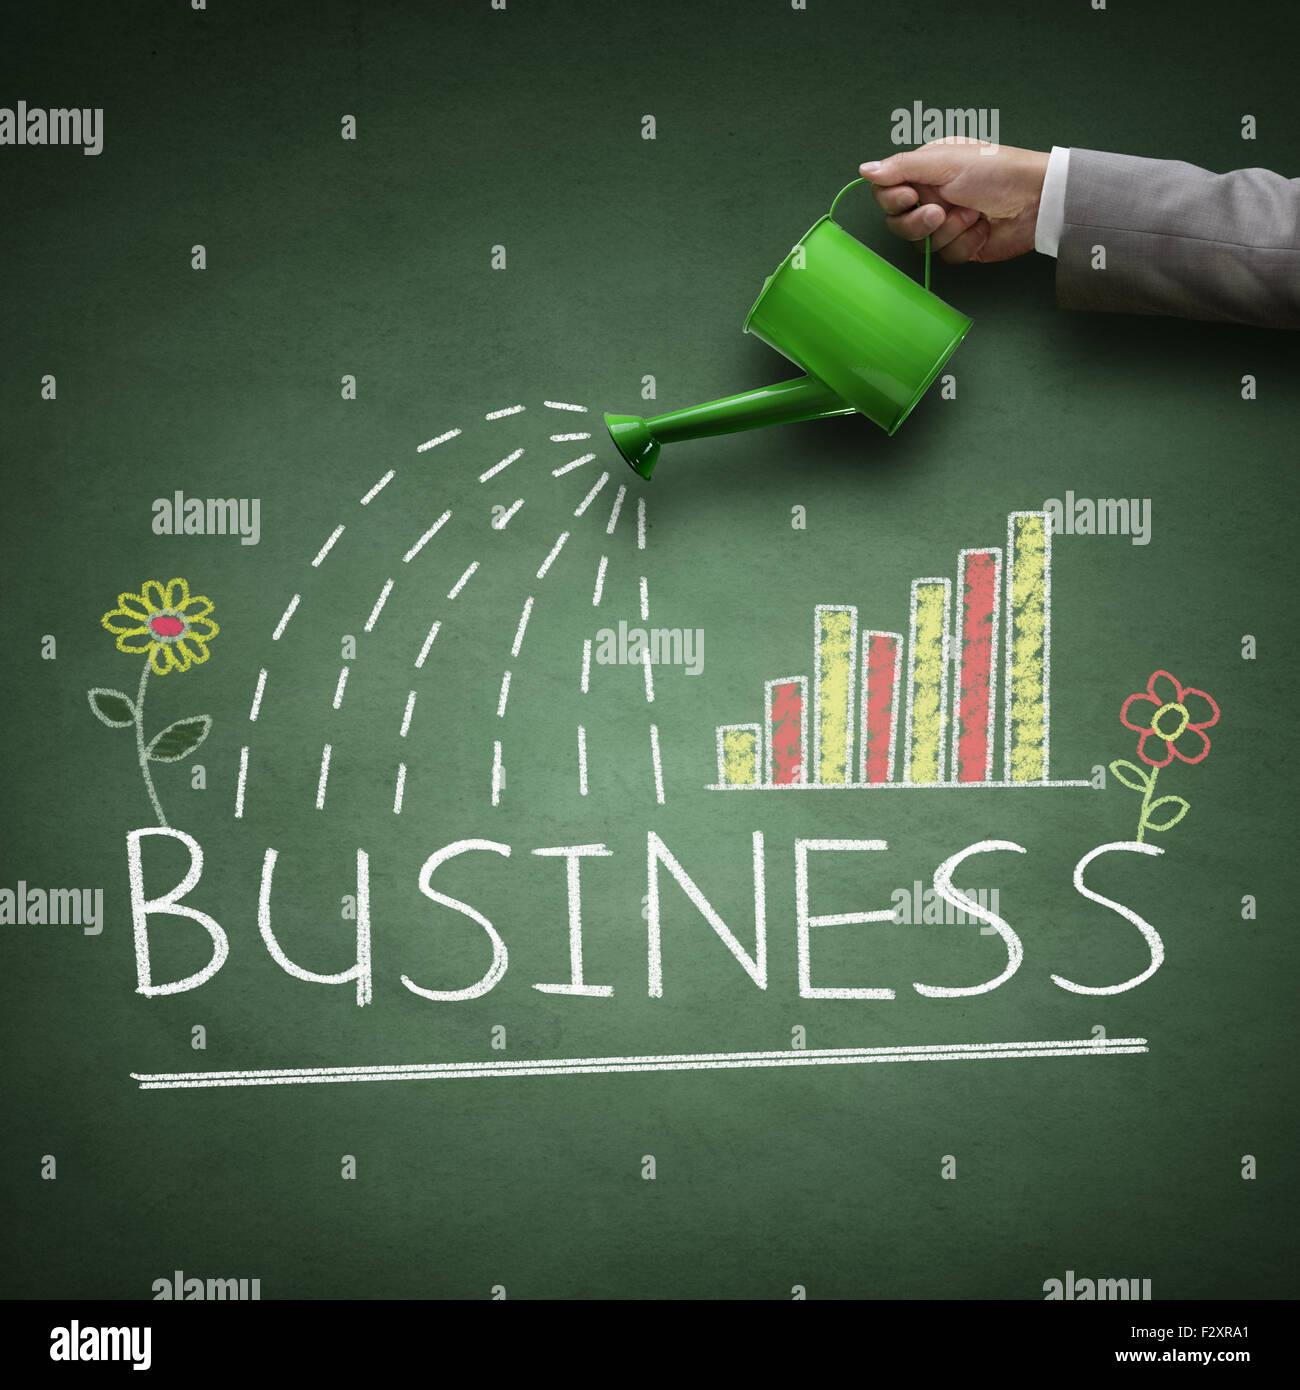 Gießkanne und Wort Business gezeichnet auf einer Tafel-Konzept für Unternehmen, Investitionen, Einsparungen Stockbild